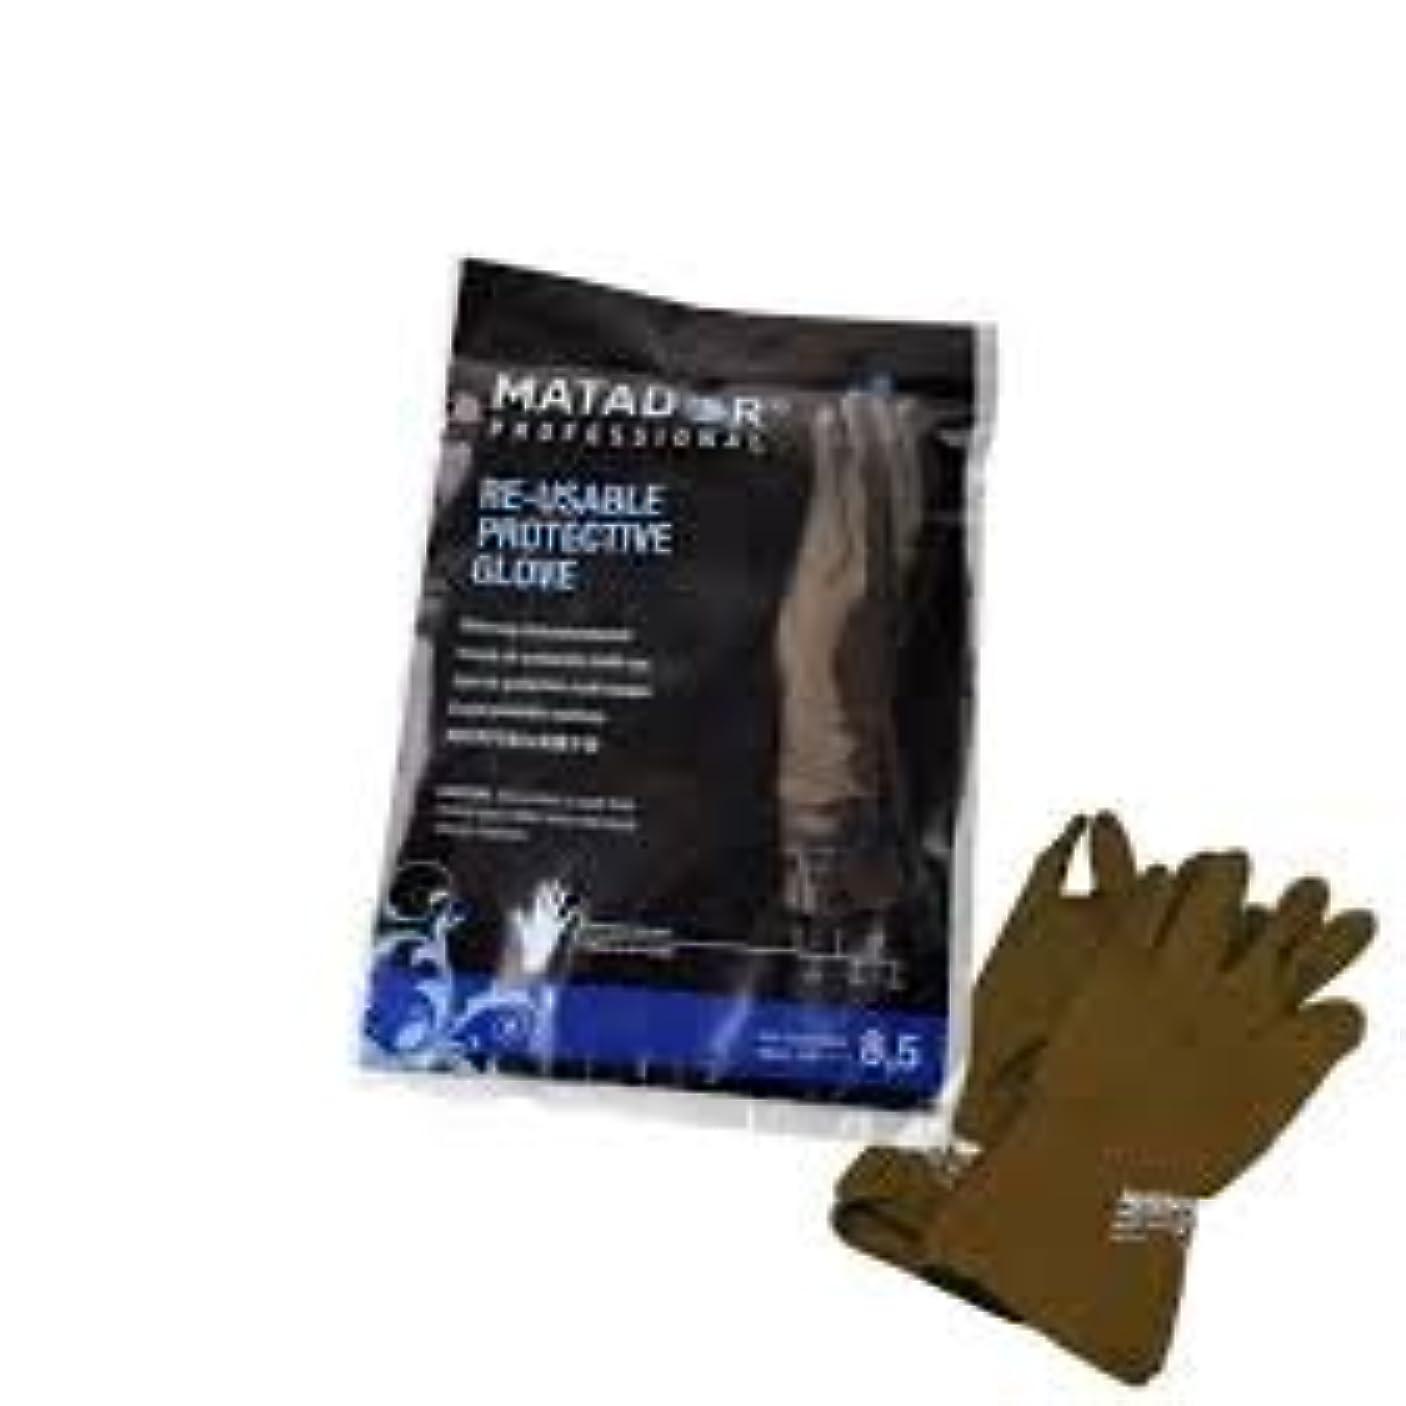 マンモスライブ耐えるマタドールゴム手袋 8.5吋 【10個セット】